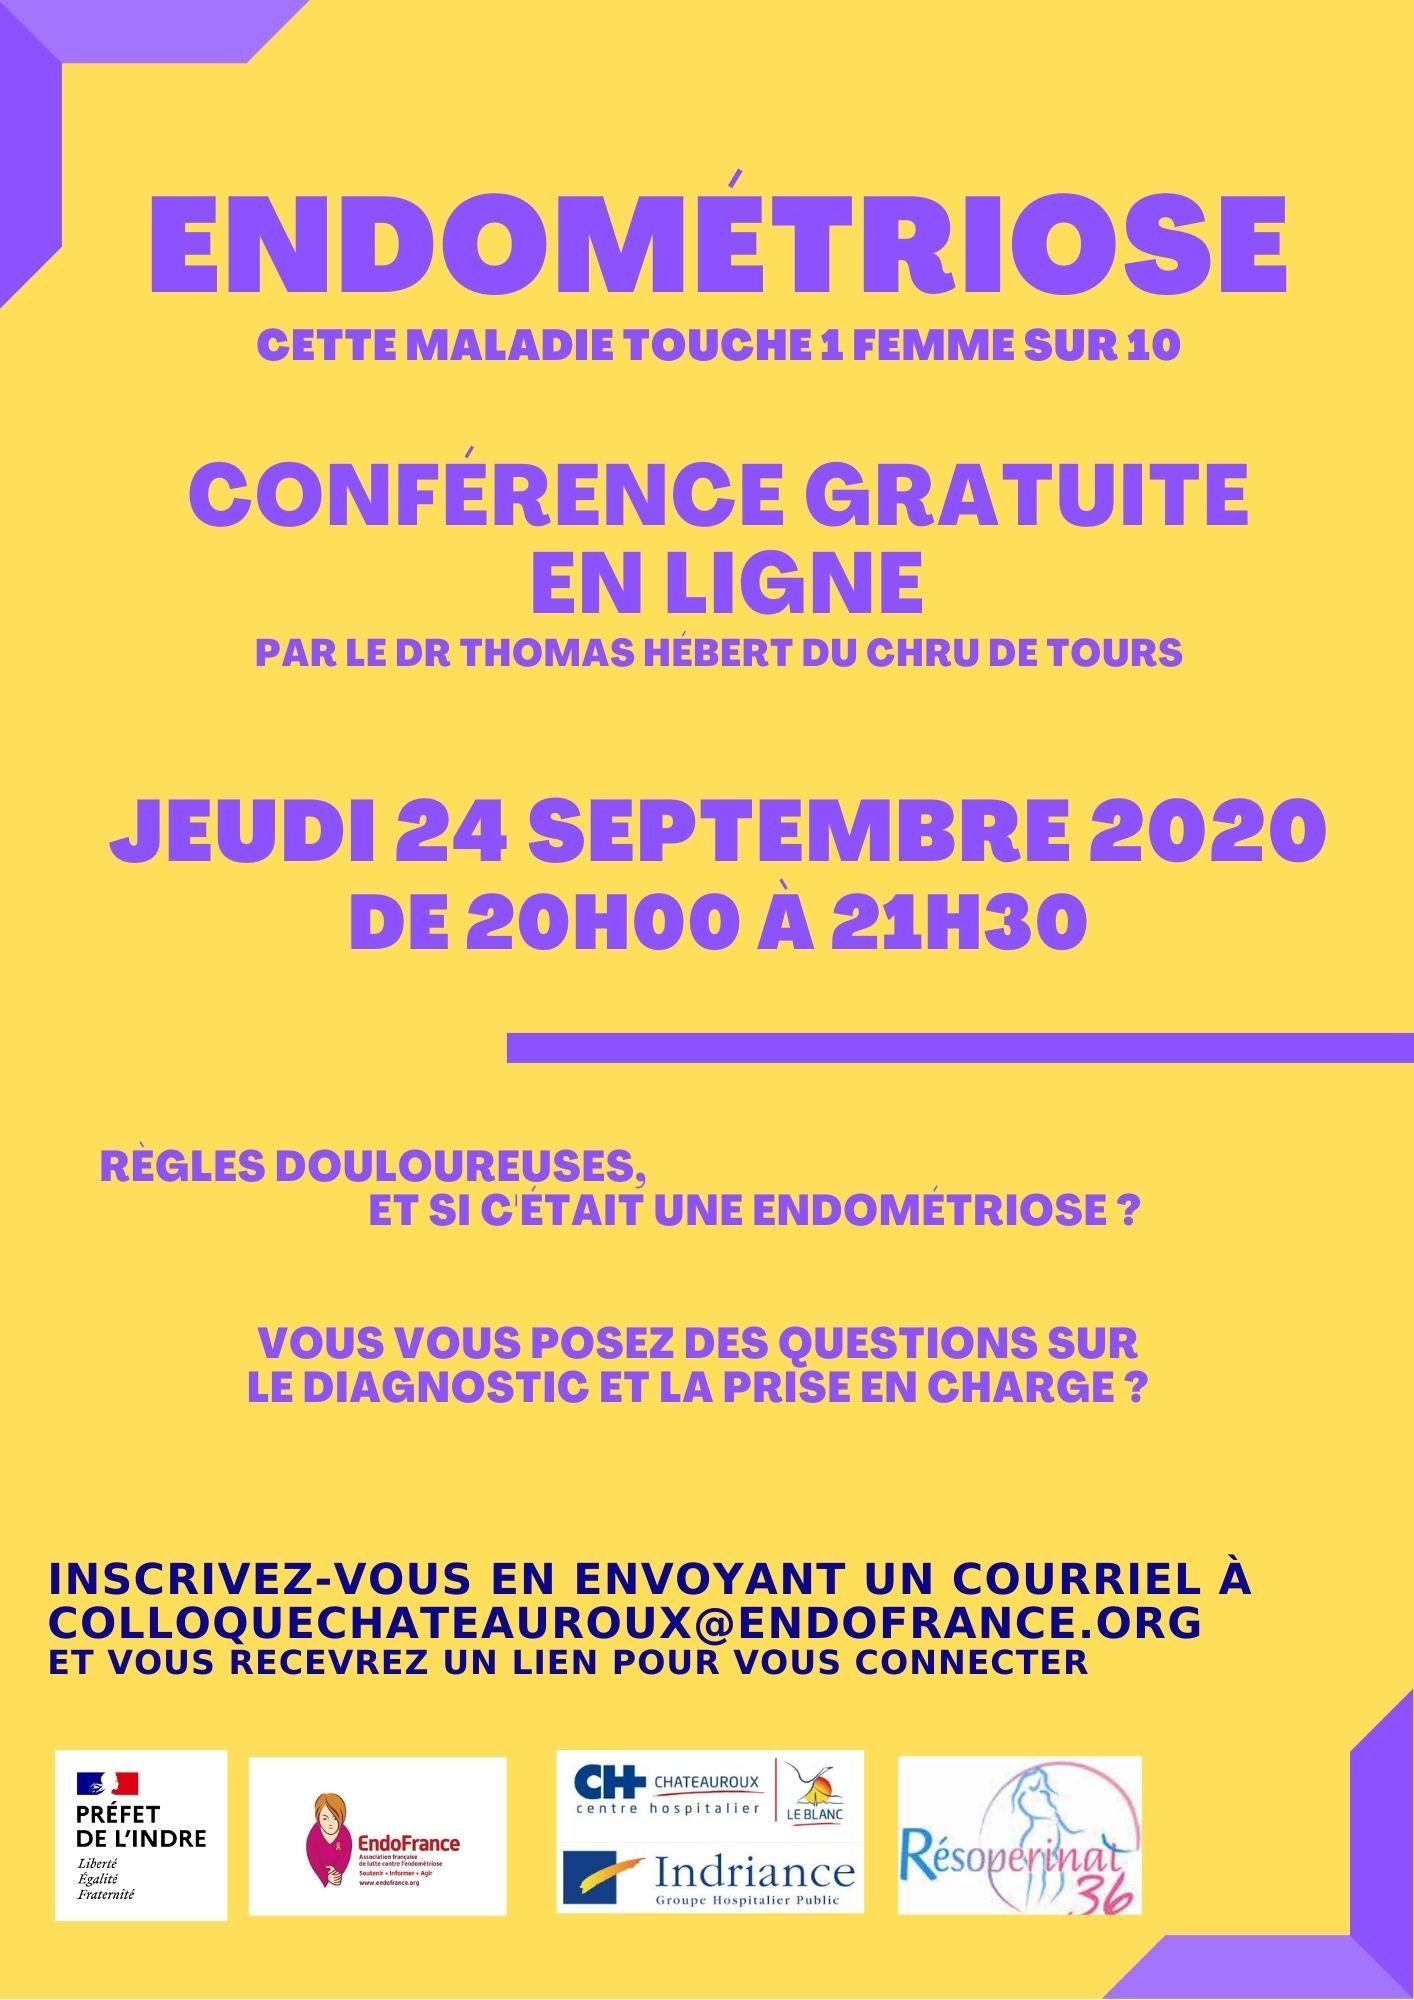 Conférence gratuite en ligne sur l'endométriose